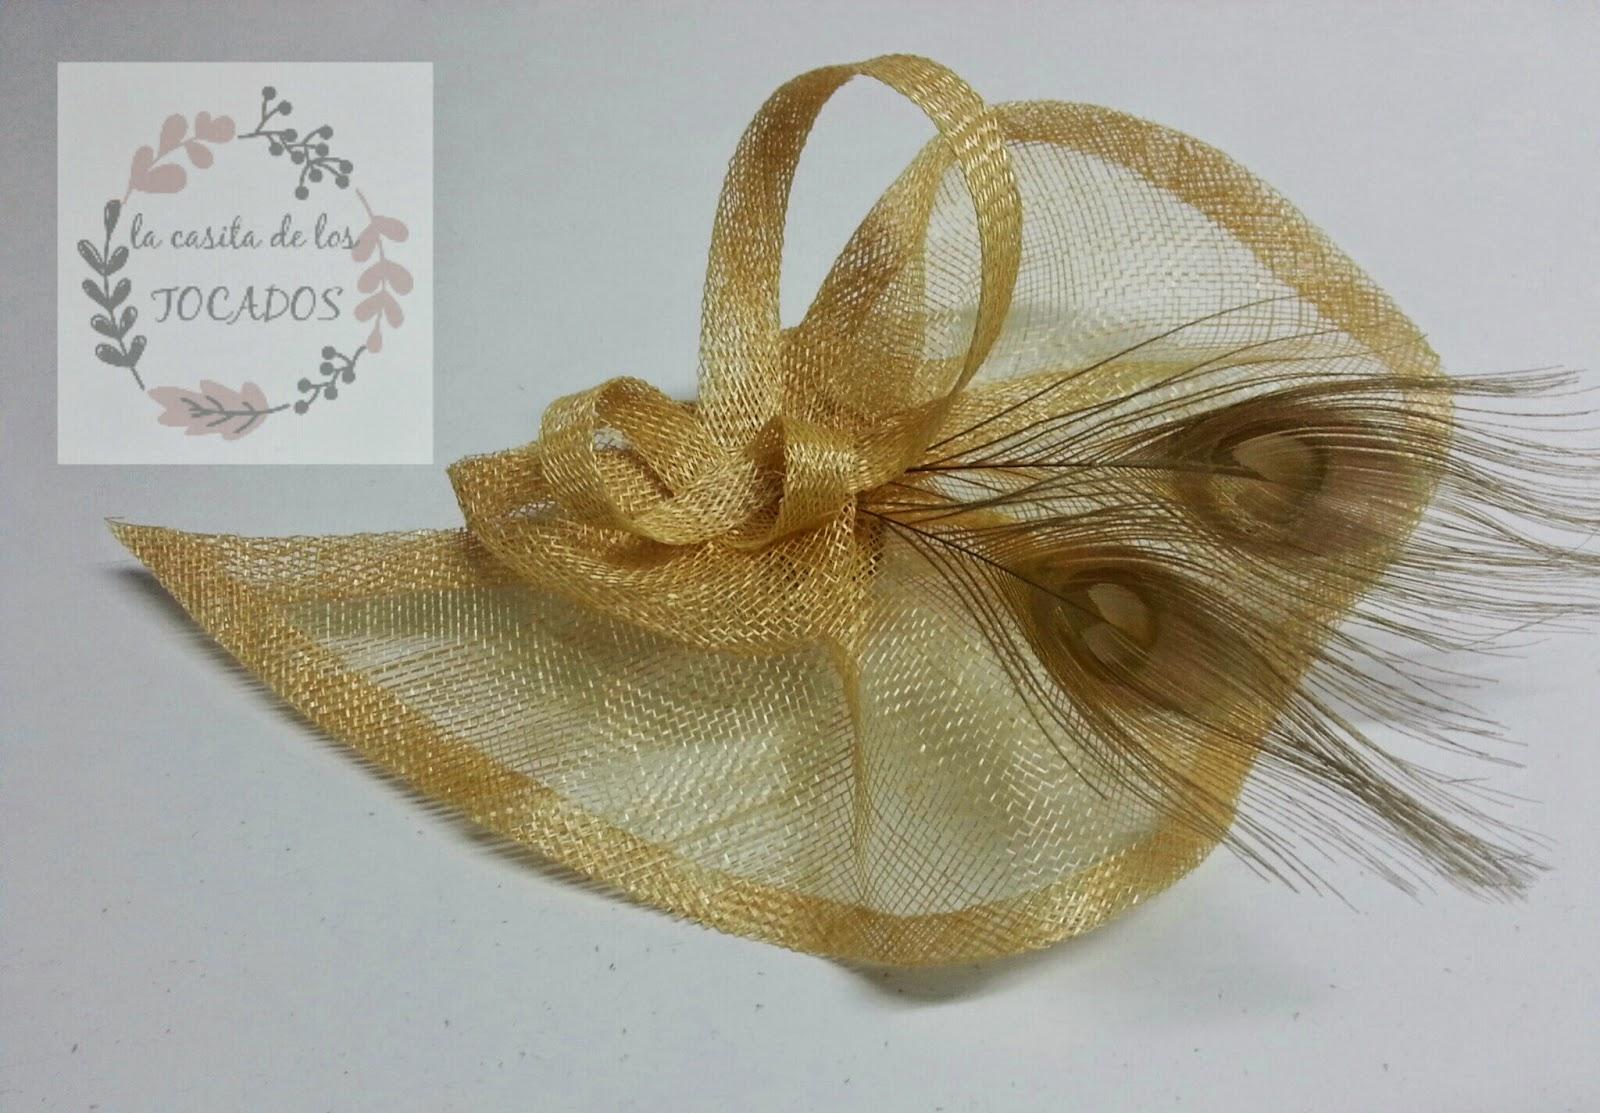 tocado barato en color dorado con forma parecida a lágrima y dos plumas en el mismo tono